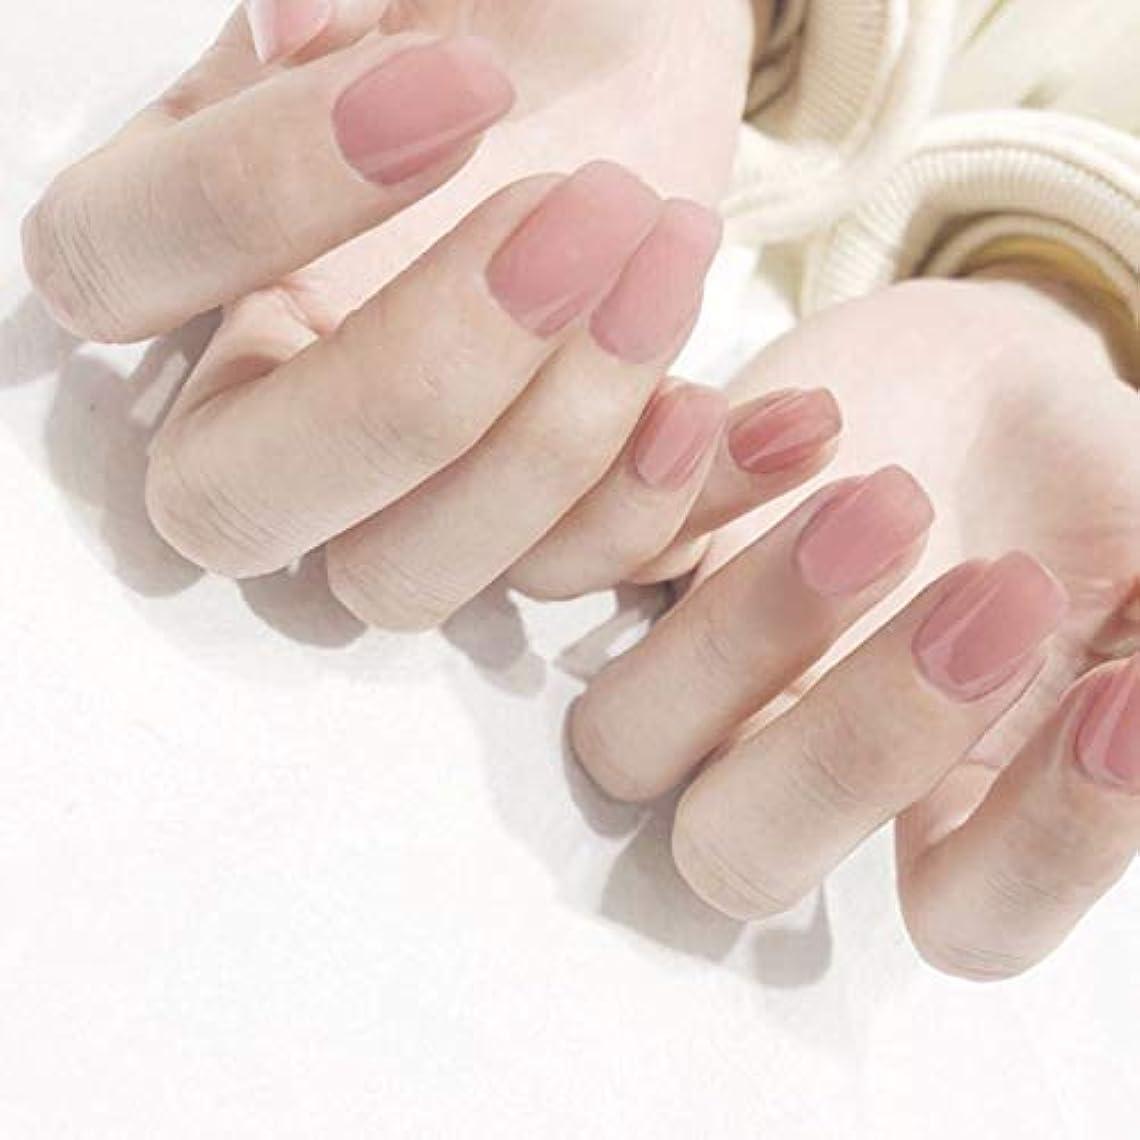 ハシー使い込む近々入学式 入園式 結婚式、パーティー、二次会など 手作りネイルチップ 和装 ネイル 明るい色 エレガントな気質 無地ネイルチップ 24pcs 優雅 透明 ゼリー 短い 無地 可愛い ウェディング ブライダル (ピンク)